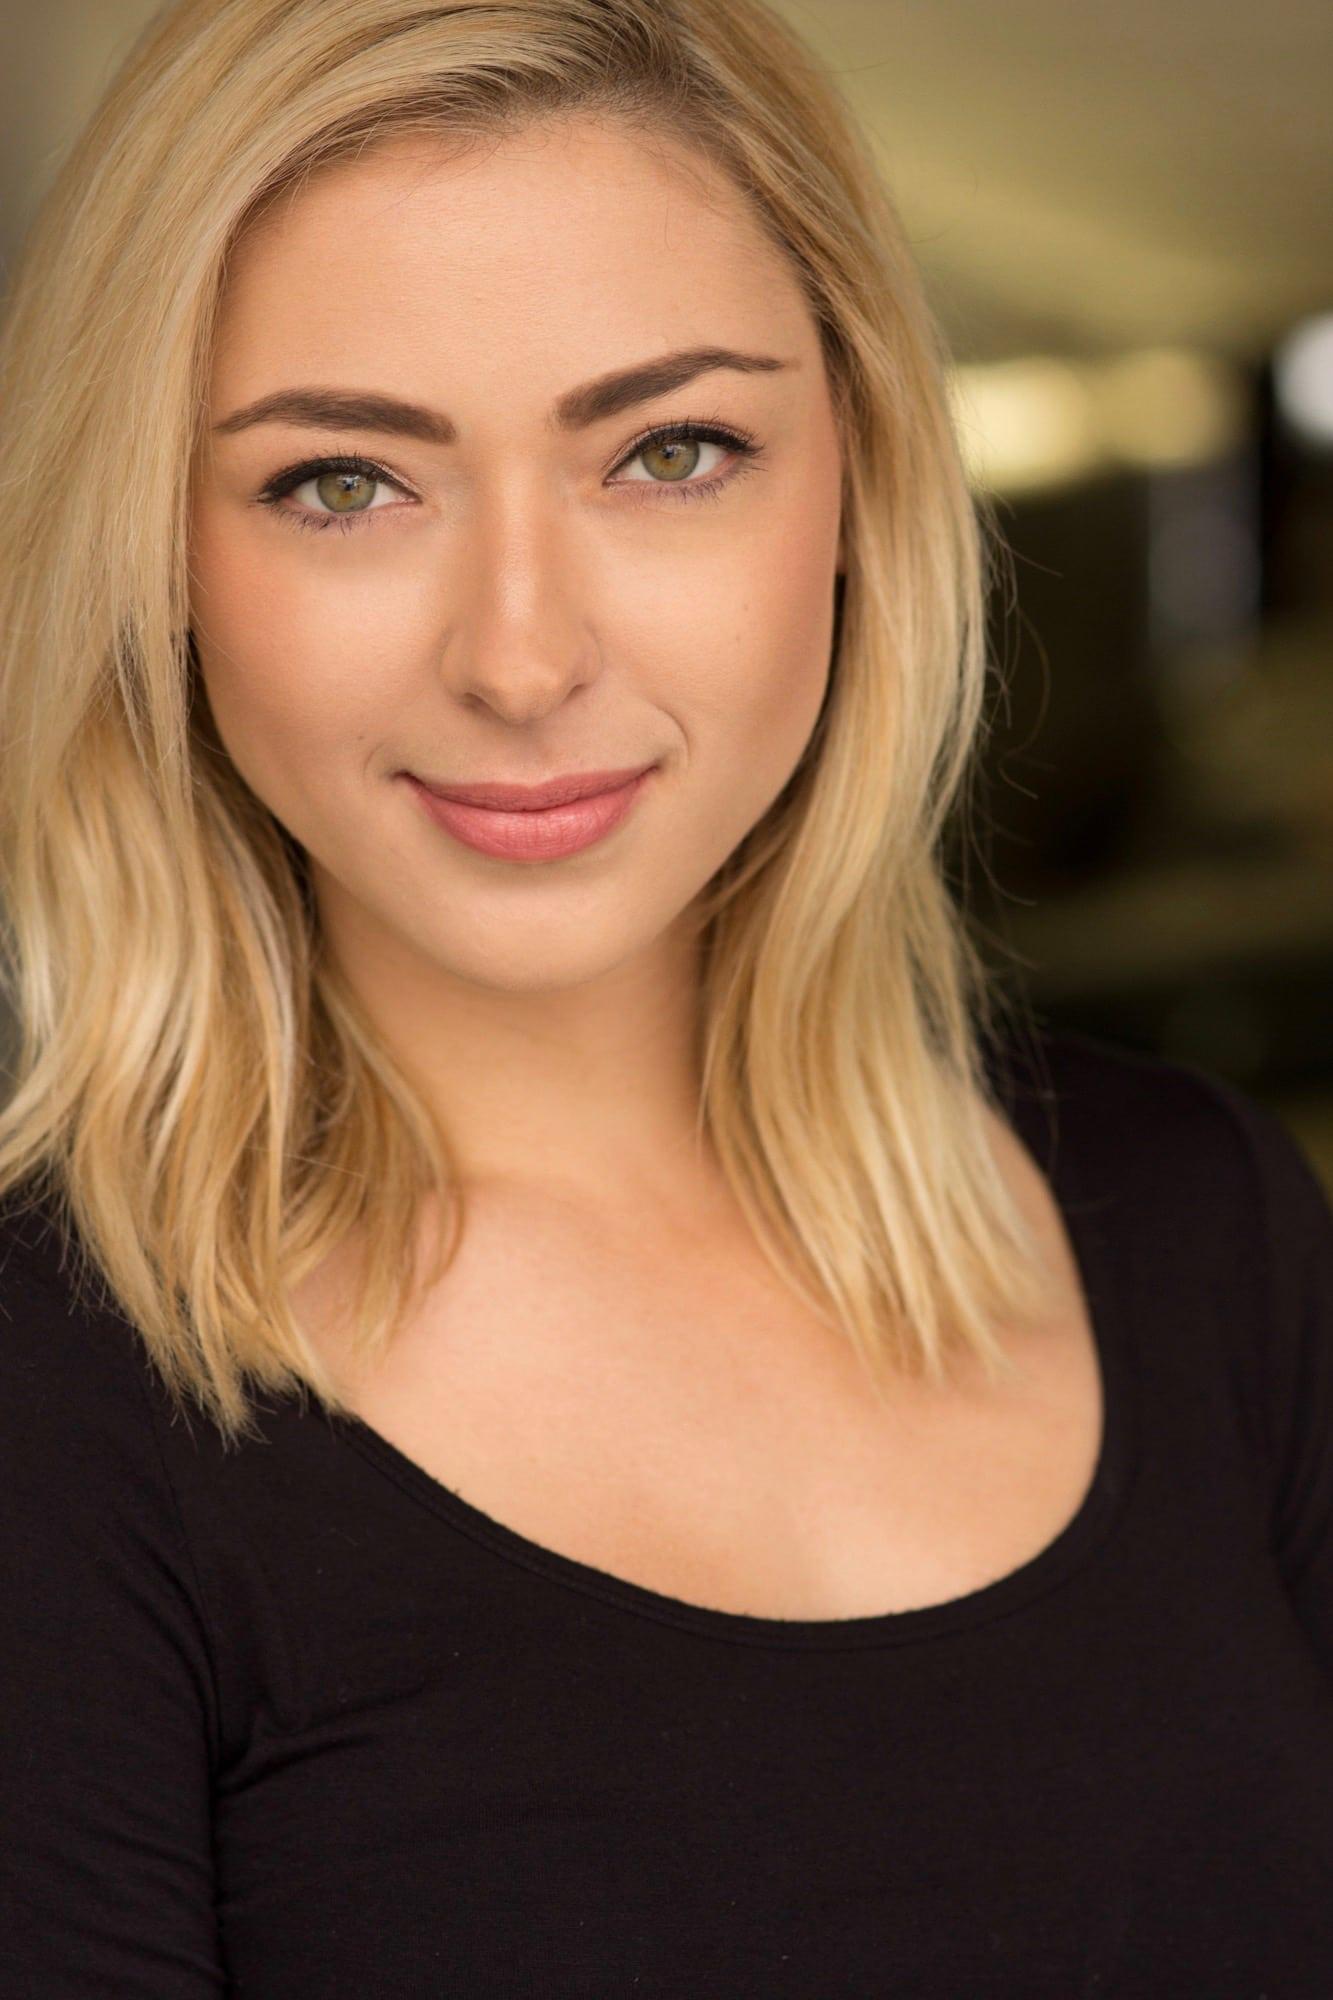 Liz Nolan American Model and Actress